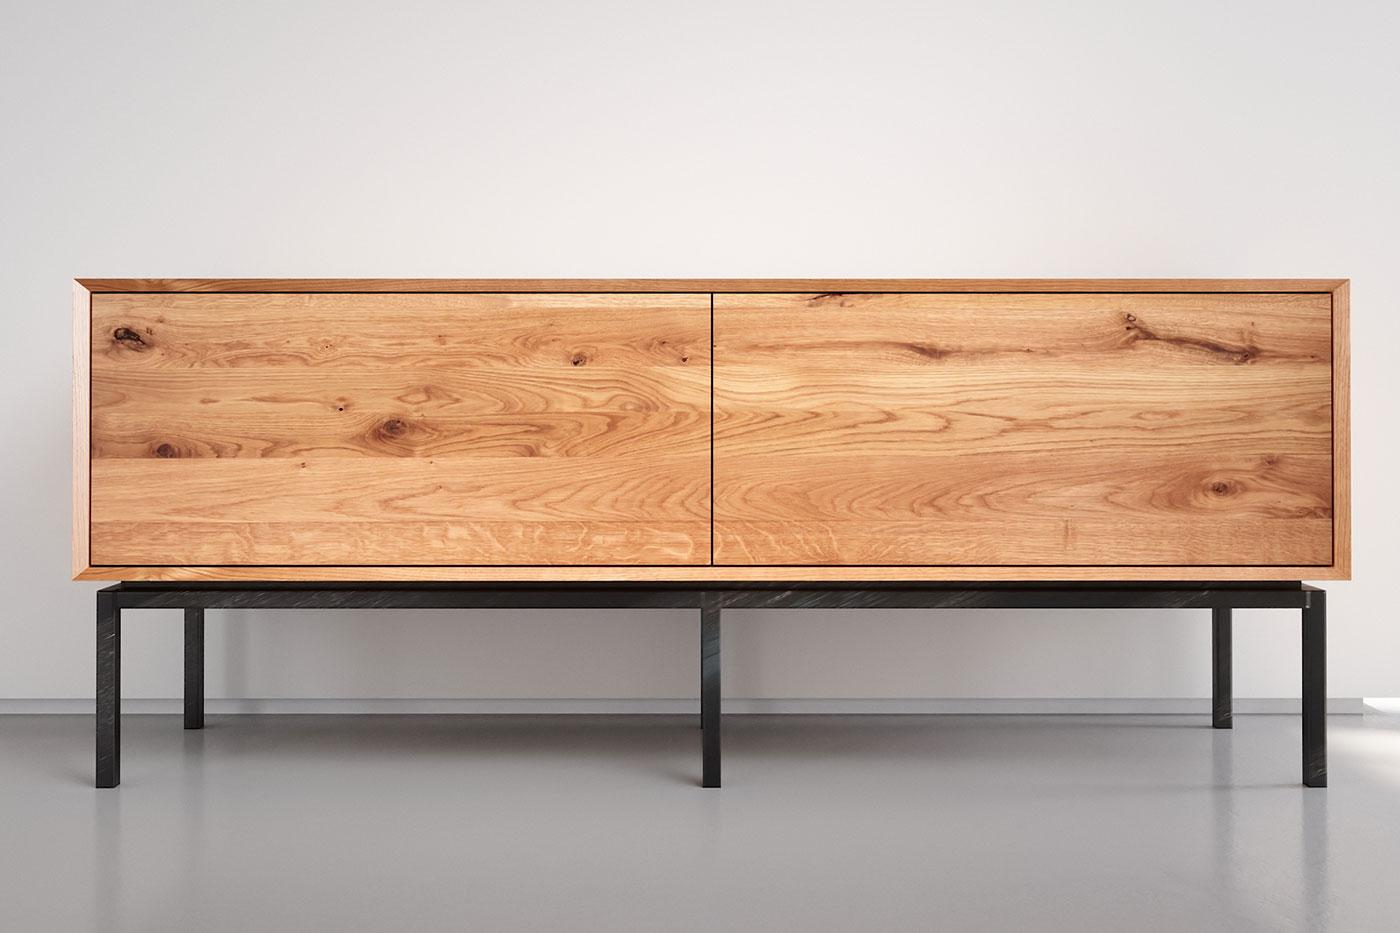 Modernes Eiche Lowboard mit 2 Schubladen